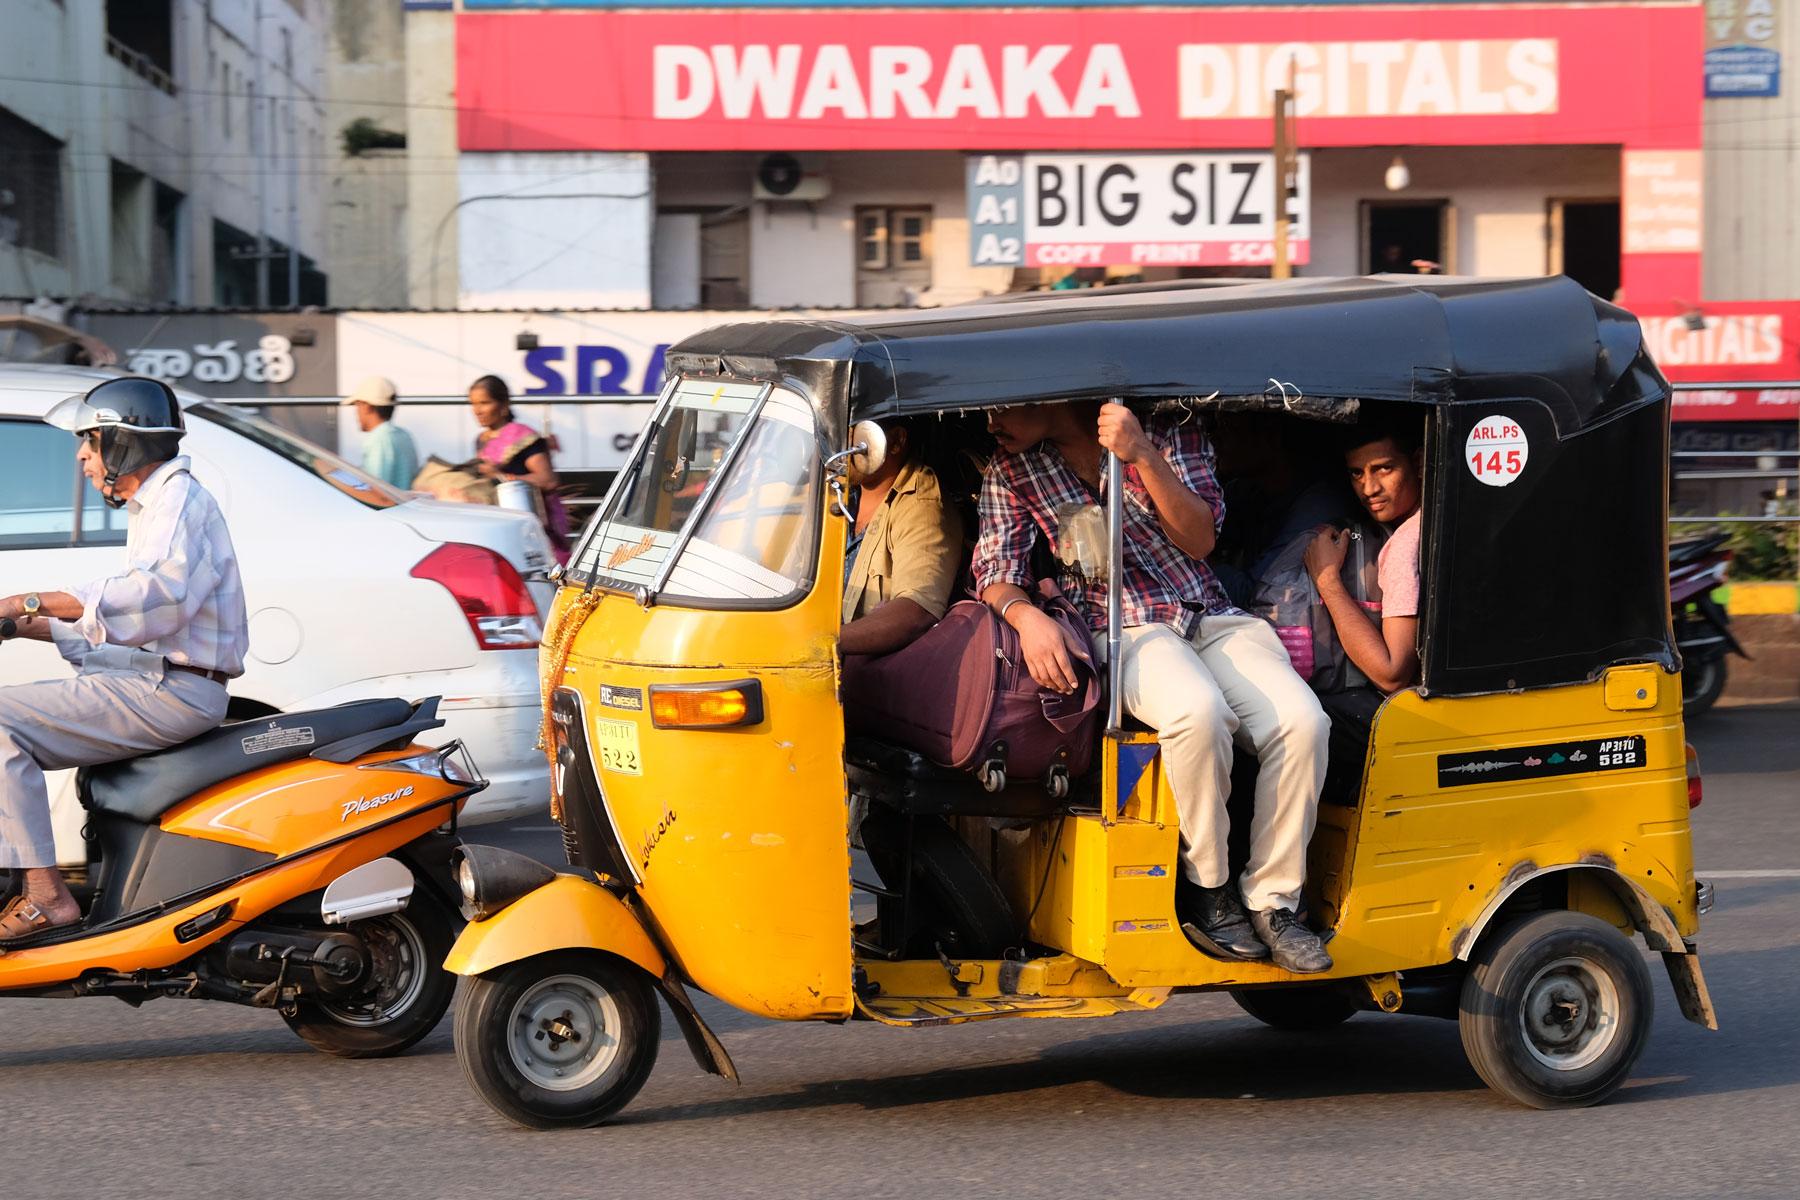 Menschen in einem Tuk Tuk in Visakhapatnam.